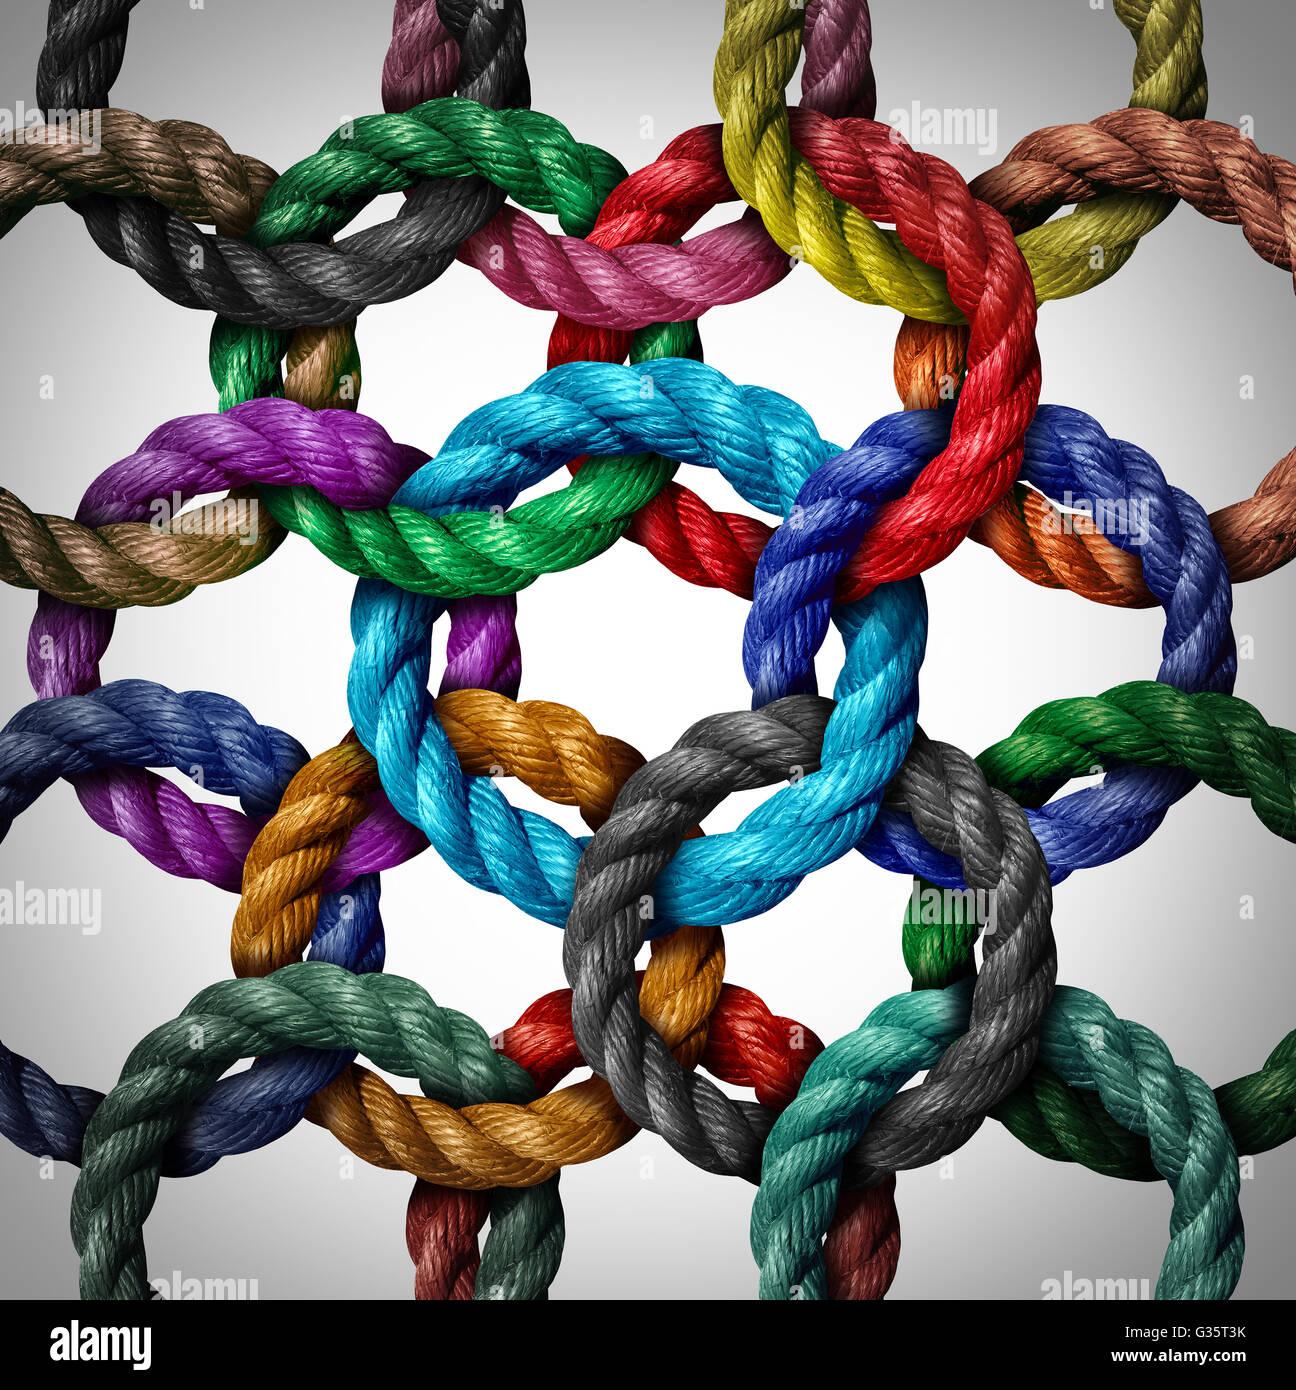 La rete centrale e la connessione di rete il concetto di business come un gruppo di diverse cerchio funi collegate Immagini Stock